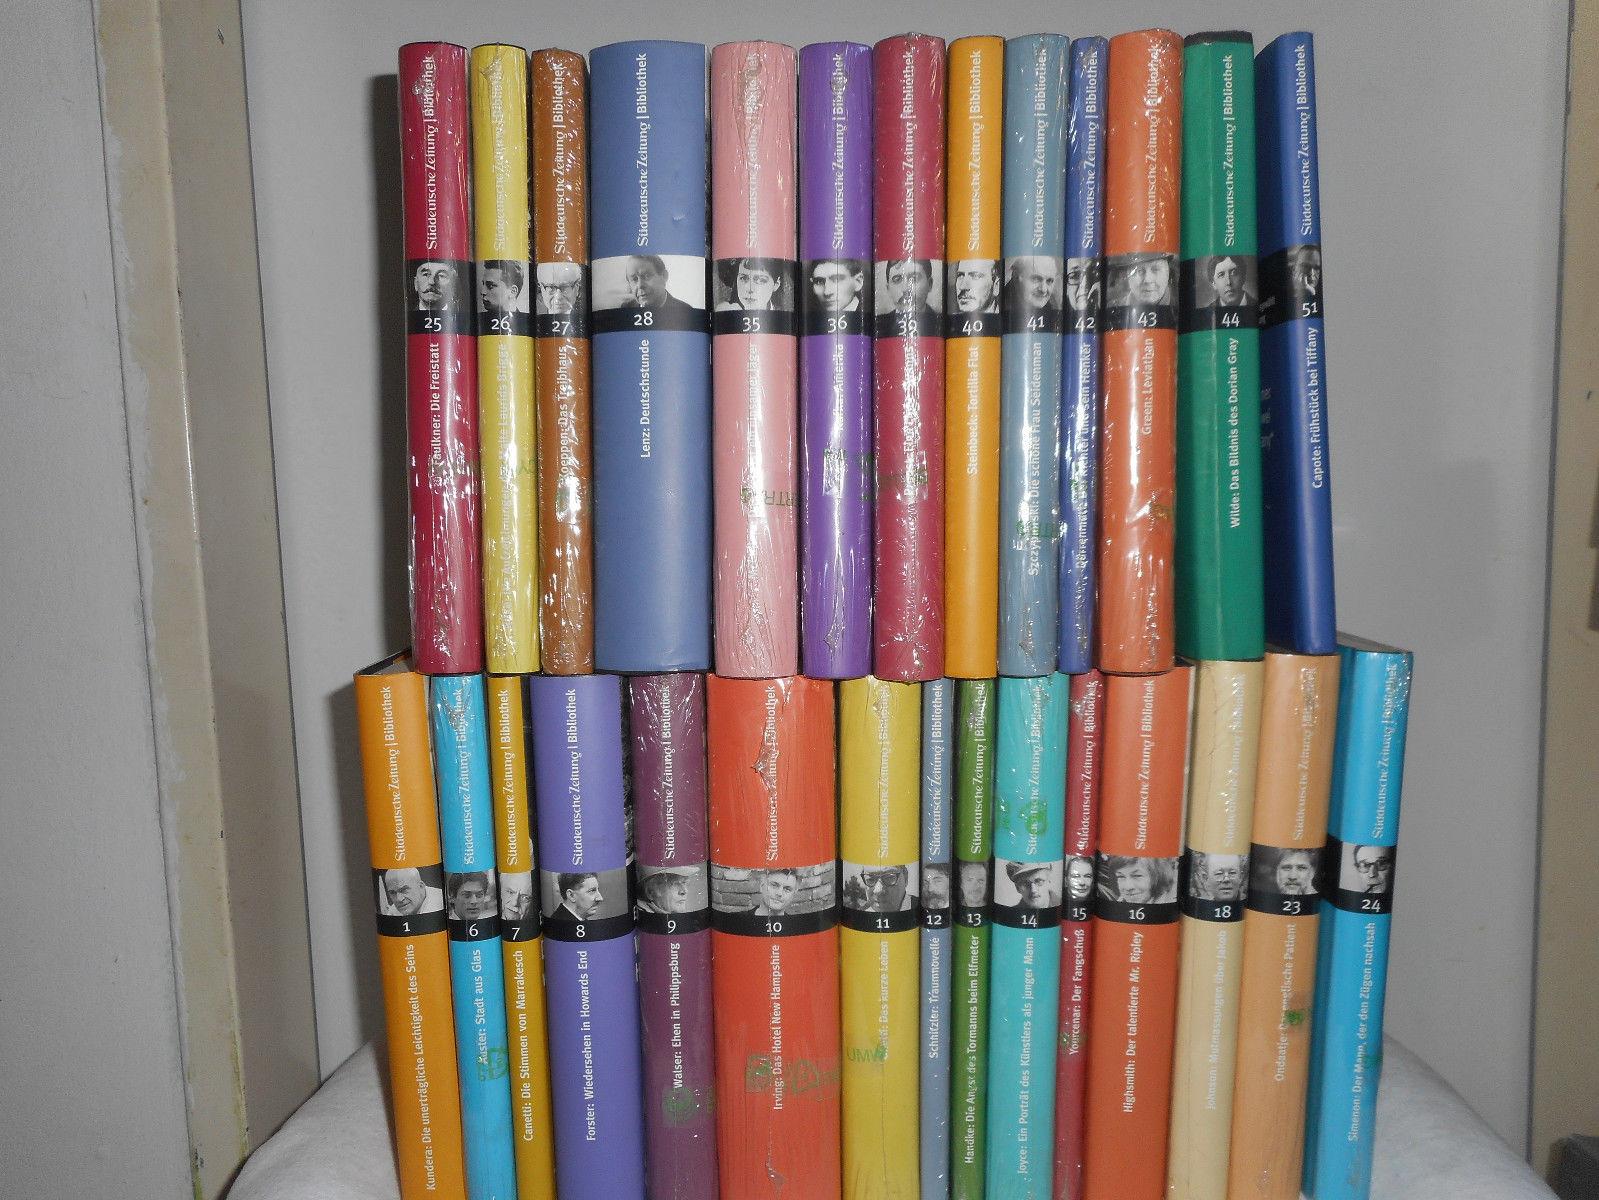 SZ Bibliothek Bände zwischen 1 und 51 , unvollständig, insgesamt 28 Bücher